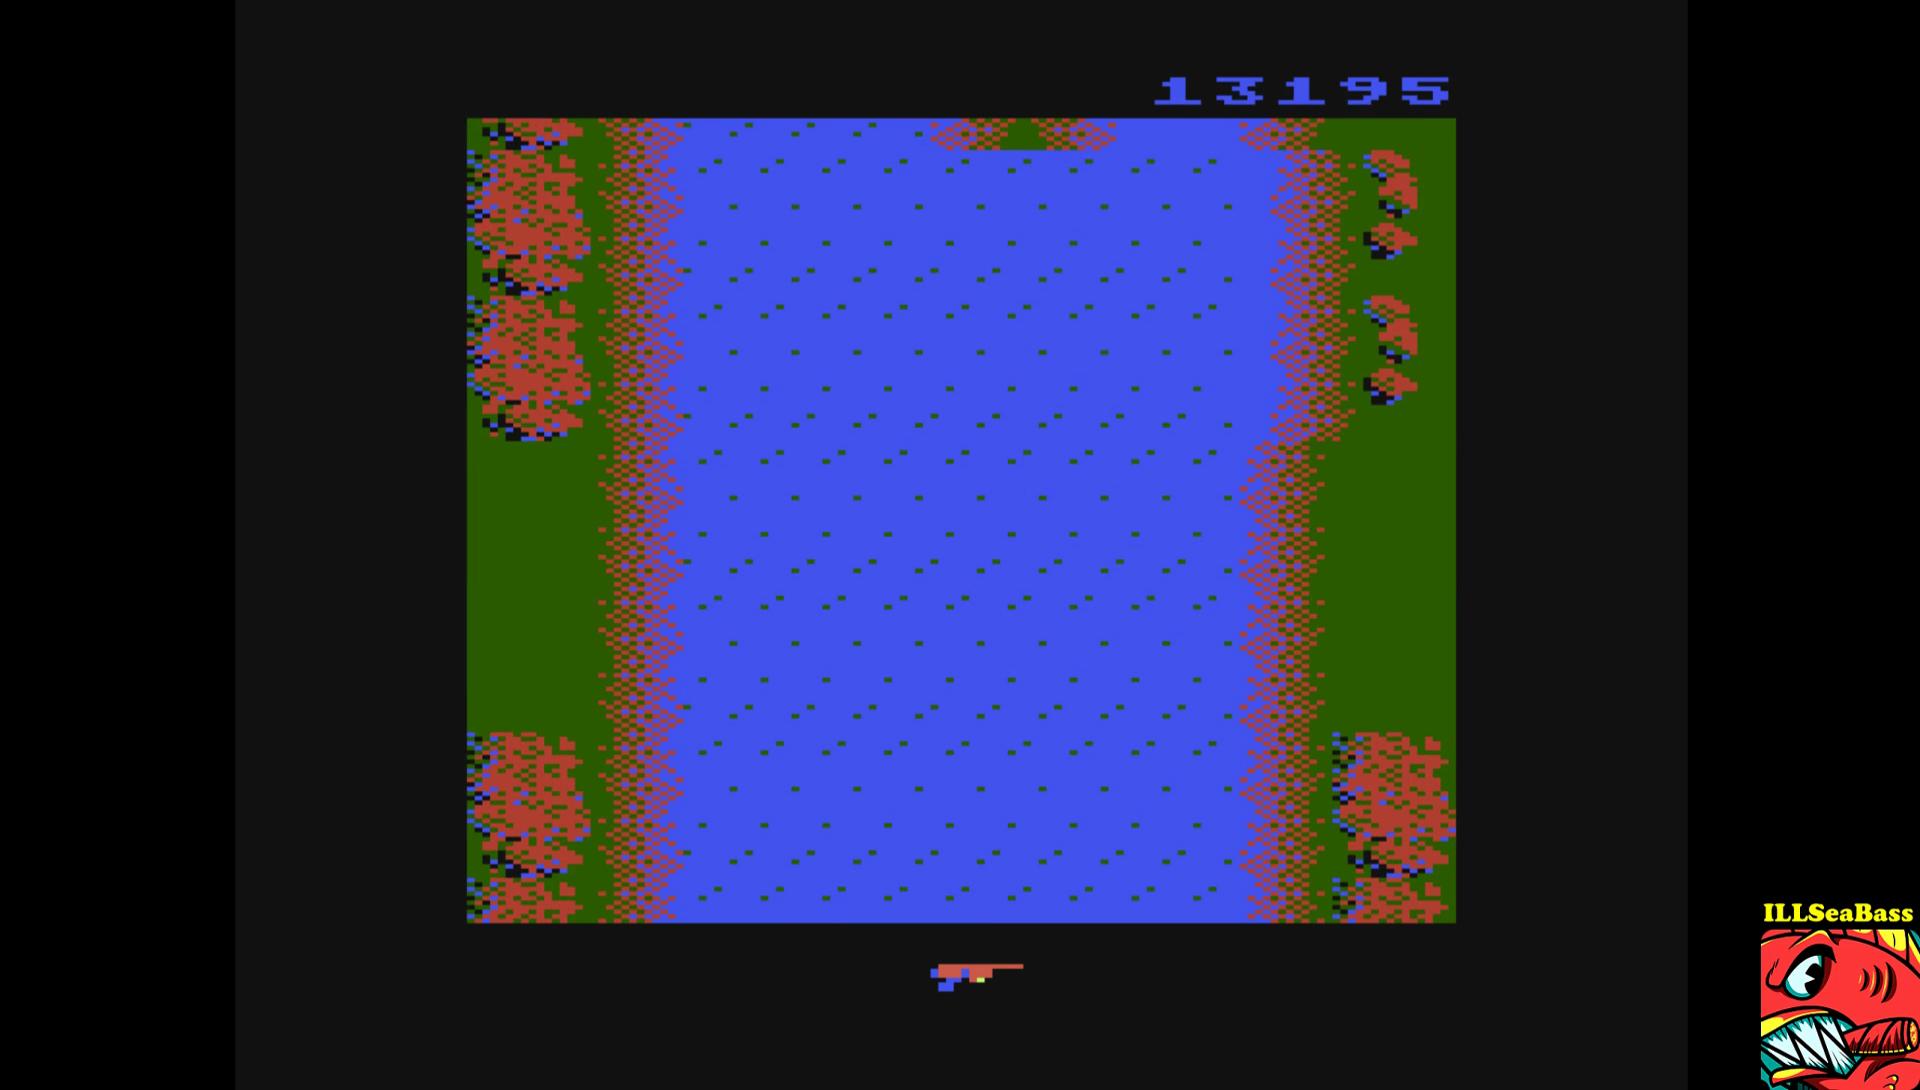 ILLSeaBass: Spy Hunter [Novice] (Atari 400/800/XL/XE Emulated) 13,195 points on 2017-01-27 21:03:35